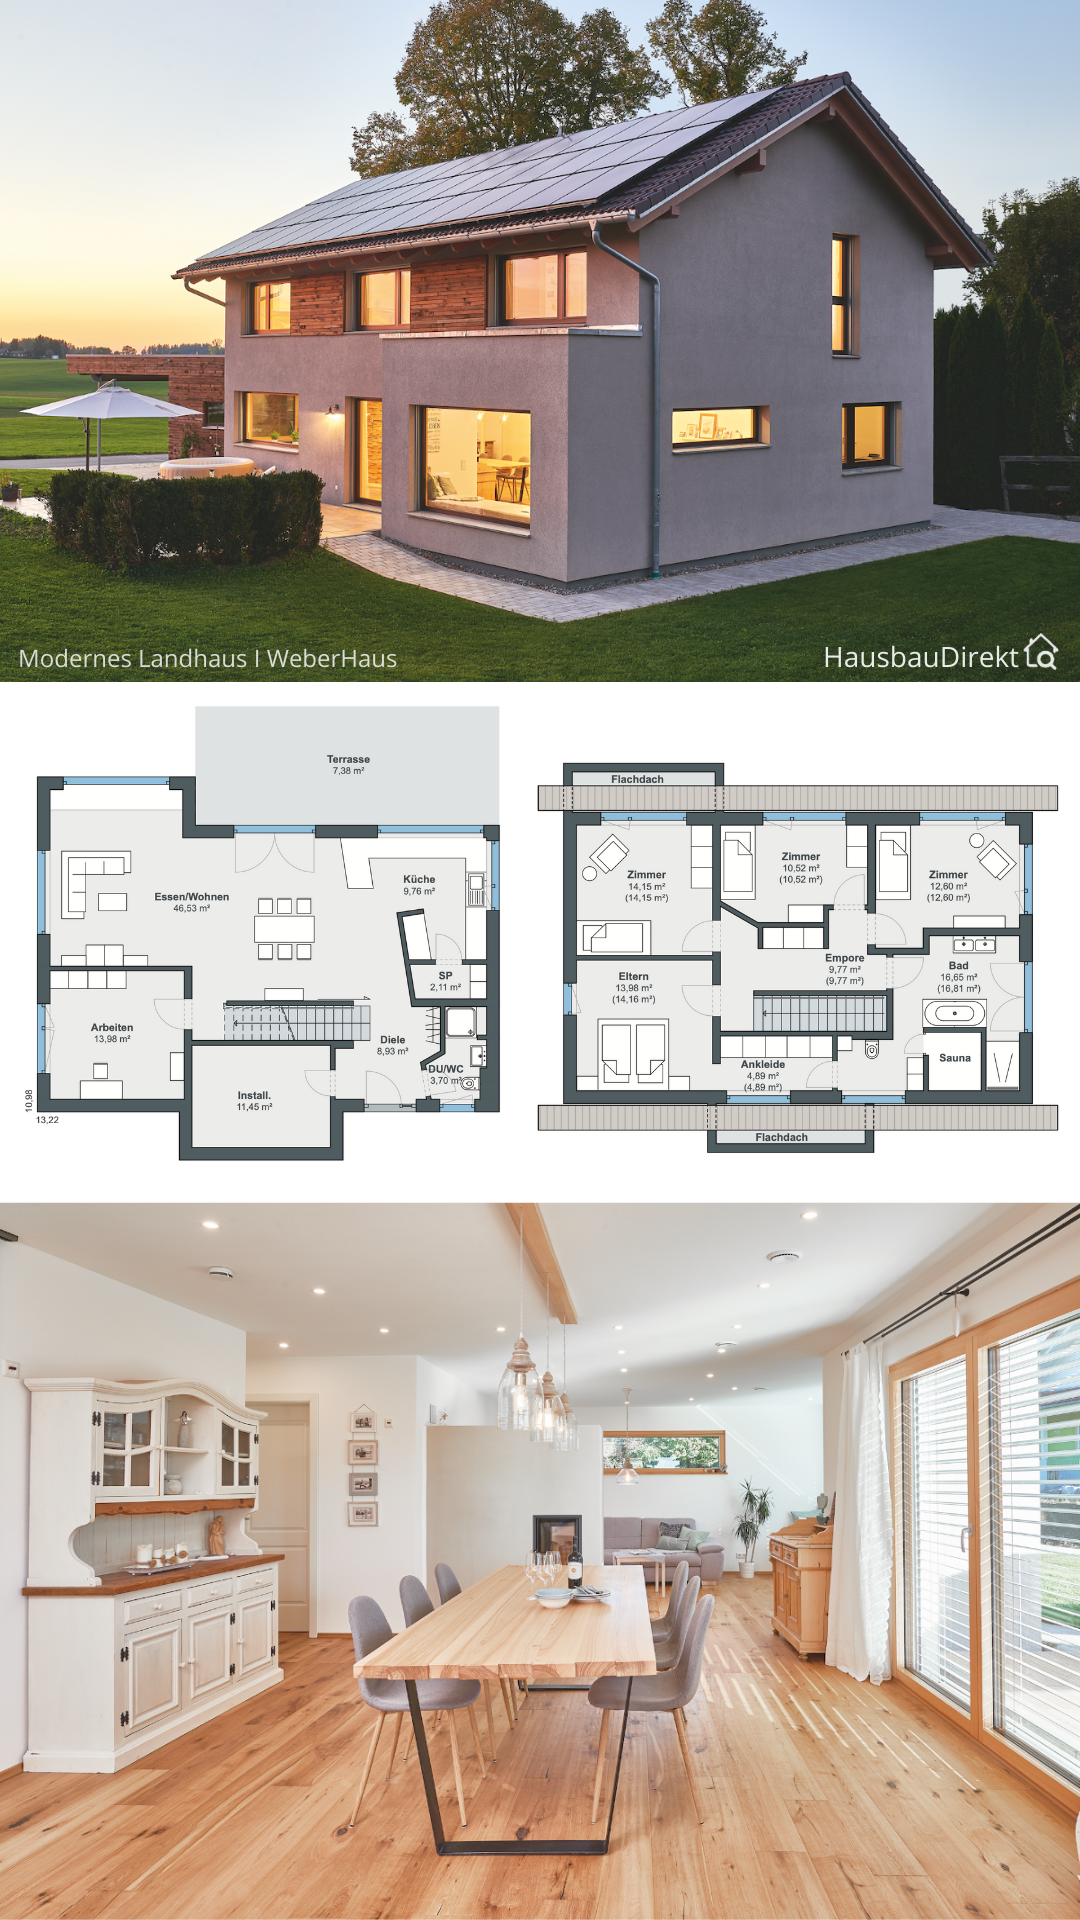 Modernes Einfamilienhaus mit Satteldach im Landhausstil bauen Haus Grundriss gerade Treppe